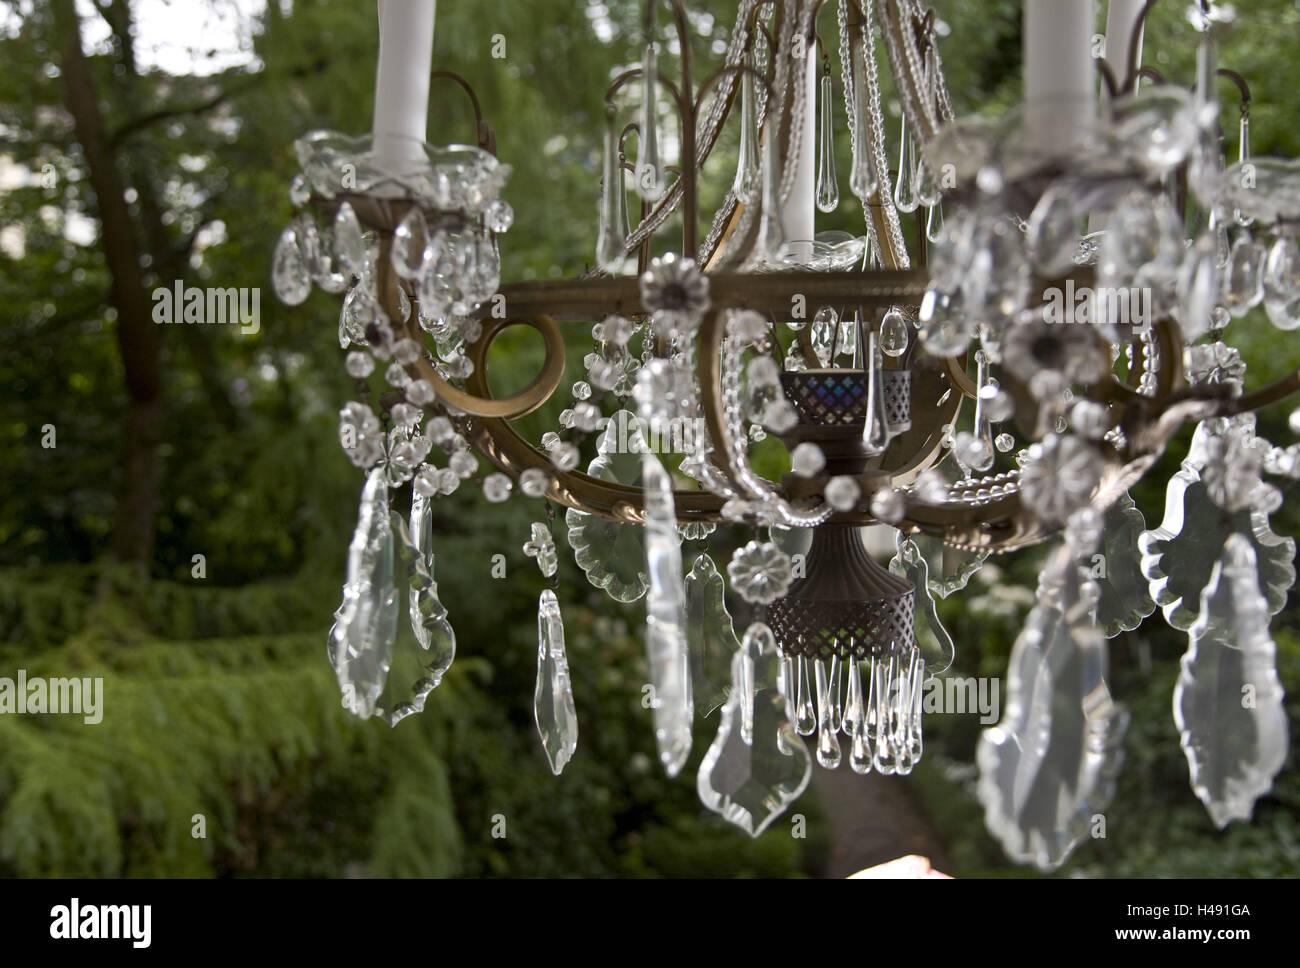 Kronleuchter Für Den Garten ~ Wohnung kronleuchter mittlere nahaufnahme fenster blick garten